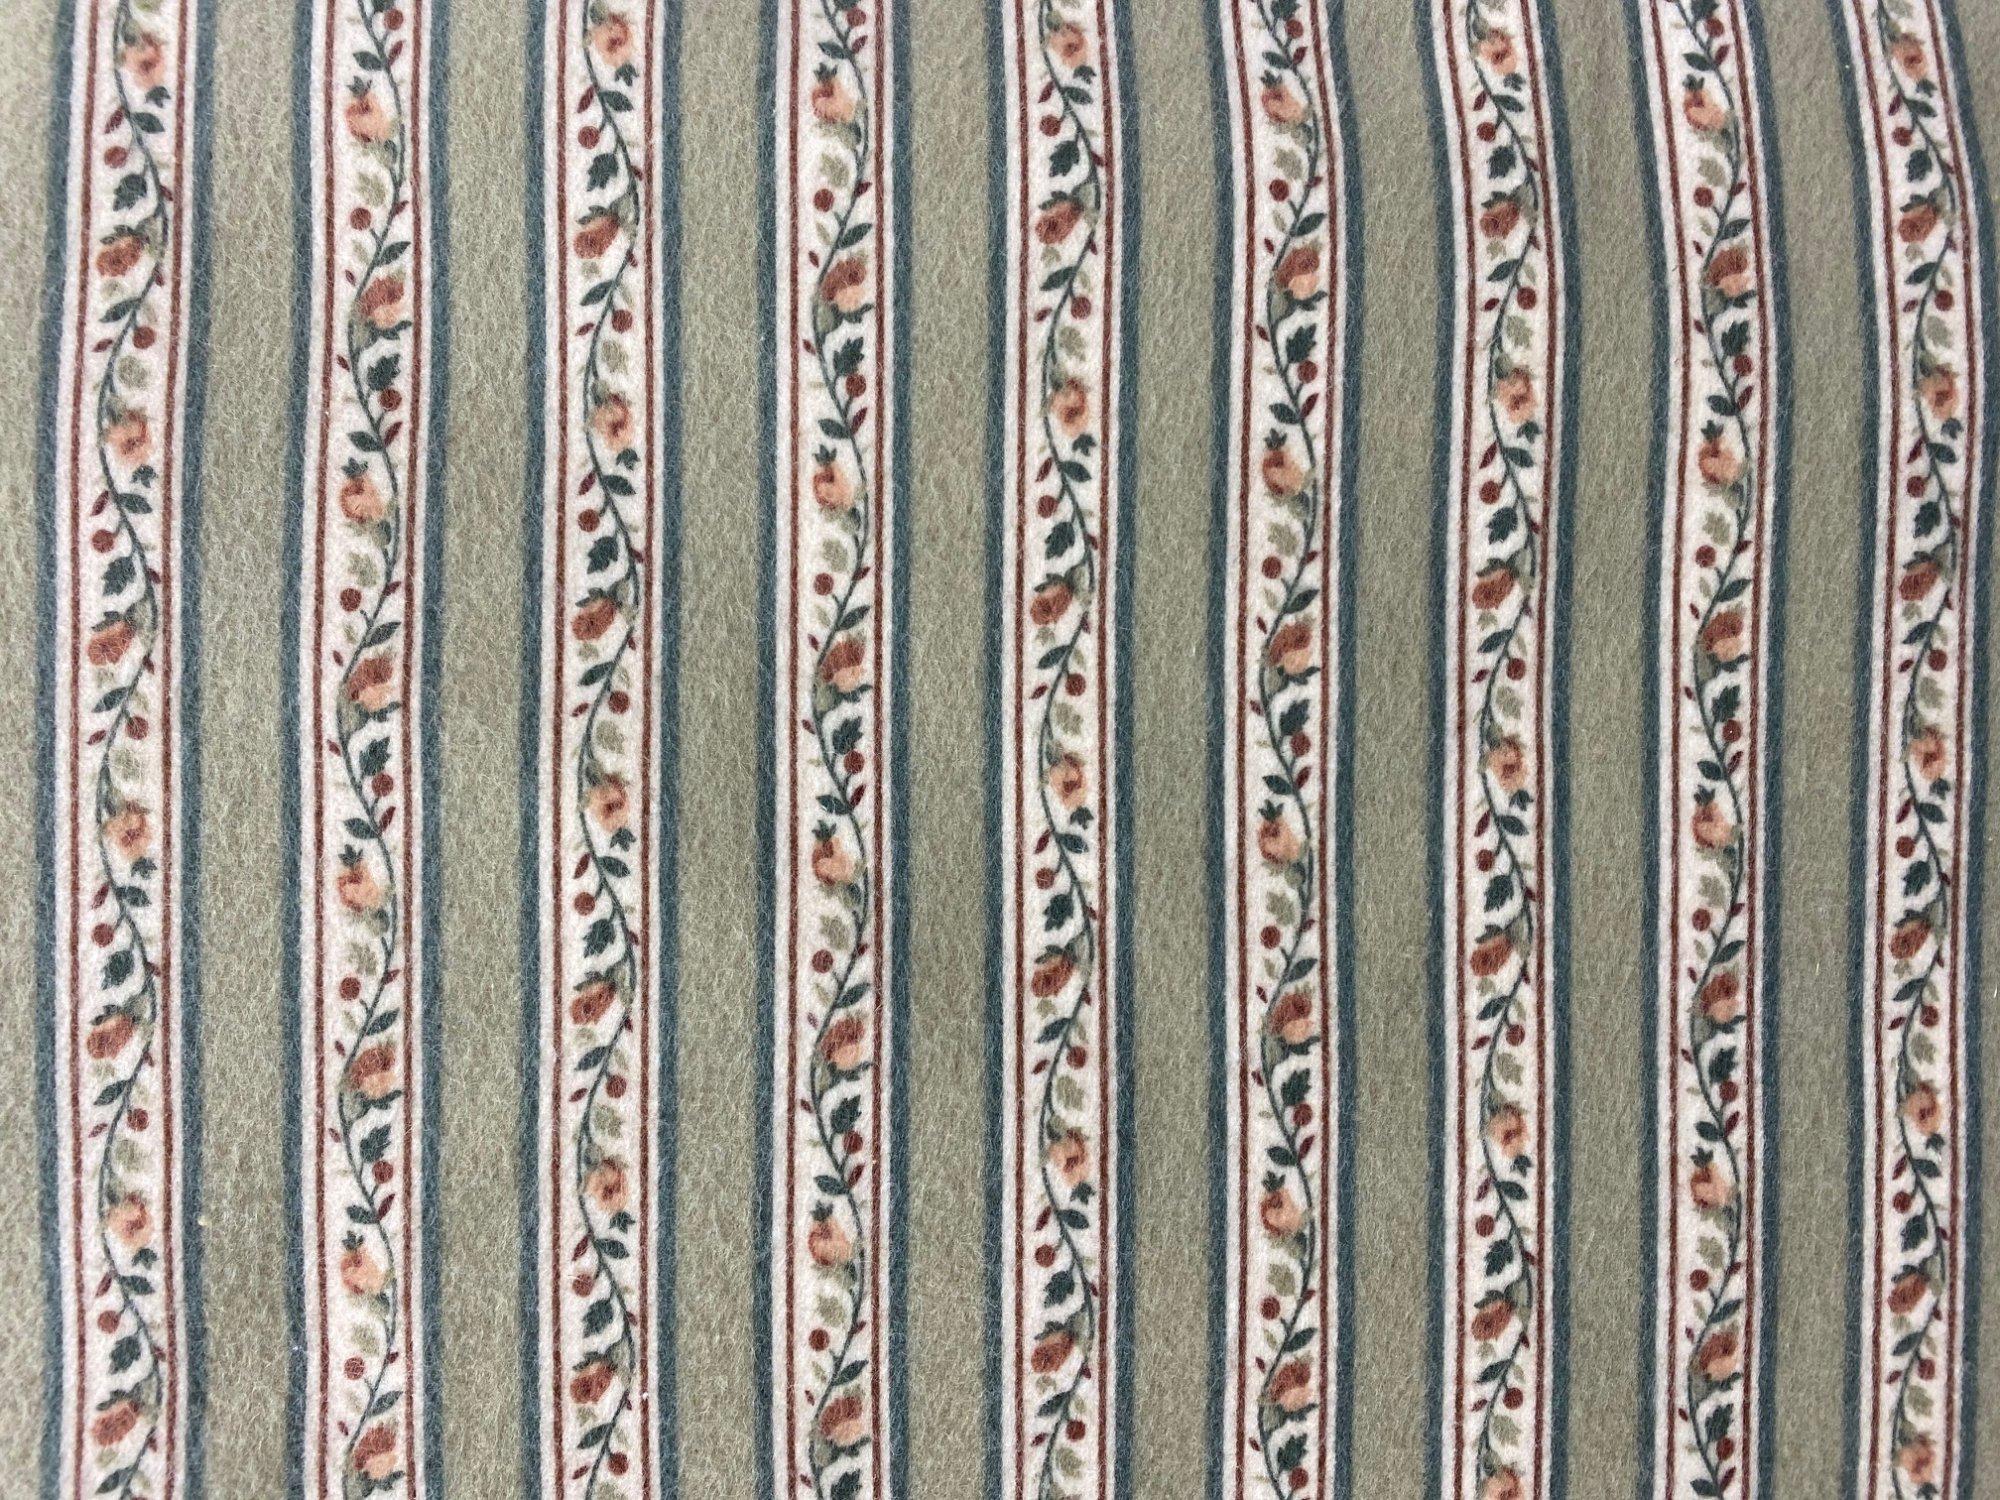 Marcus fabrics WR8-Y138-142D Flannel